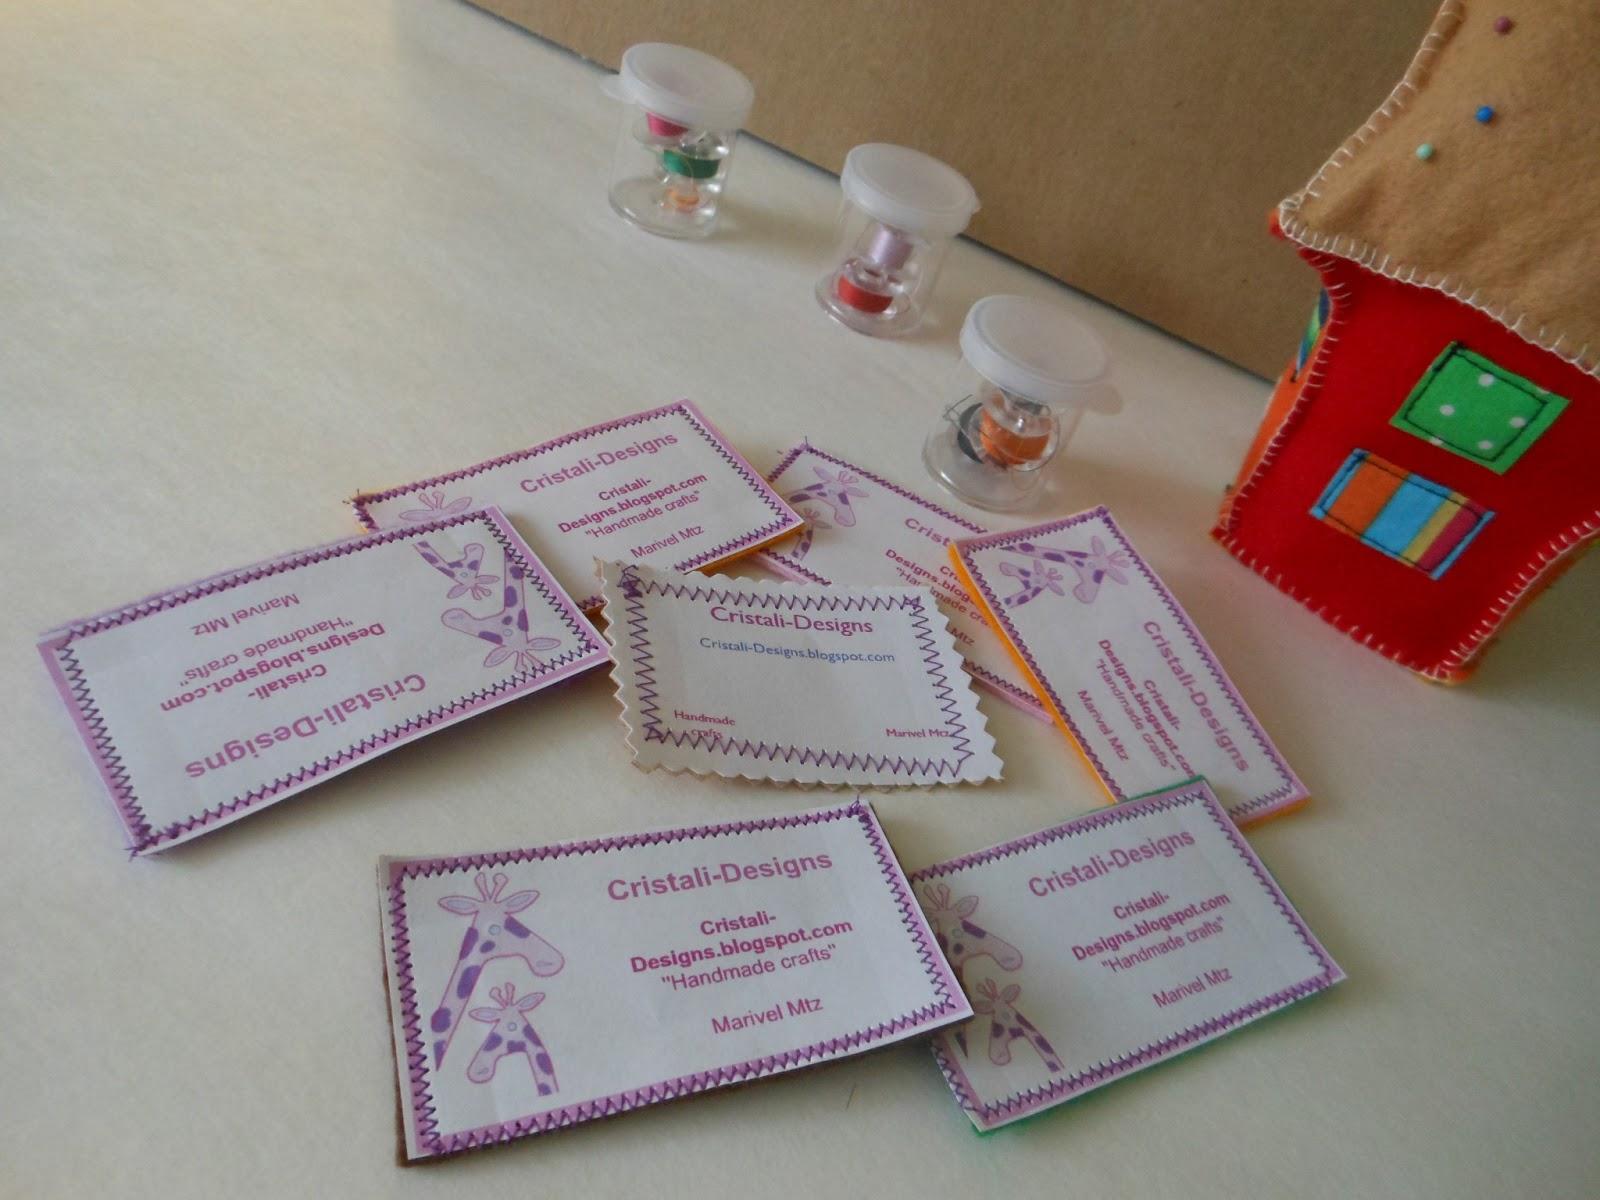 Cristali designs handmade business cards handmade business cards colourmoves